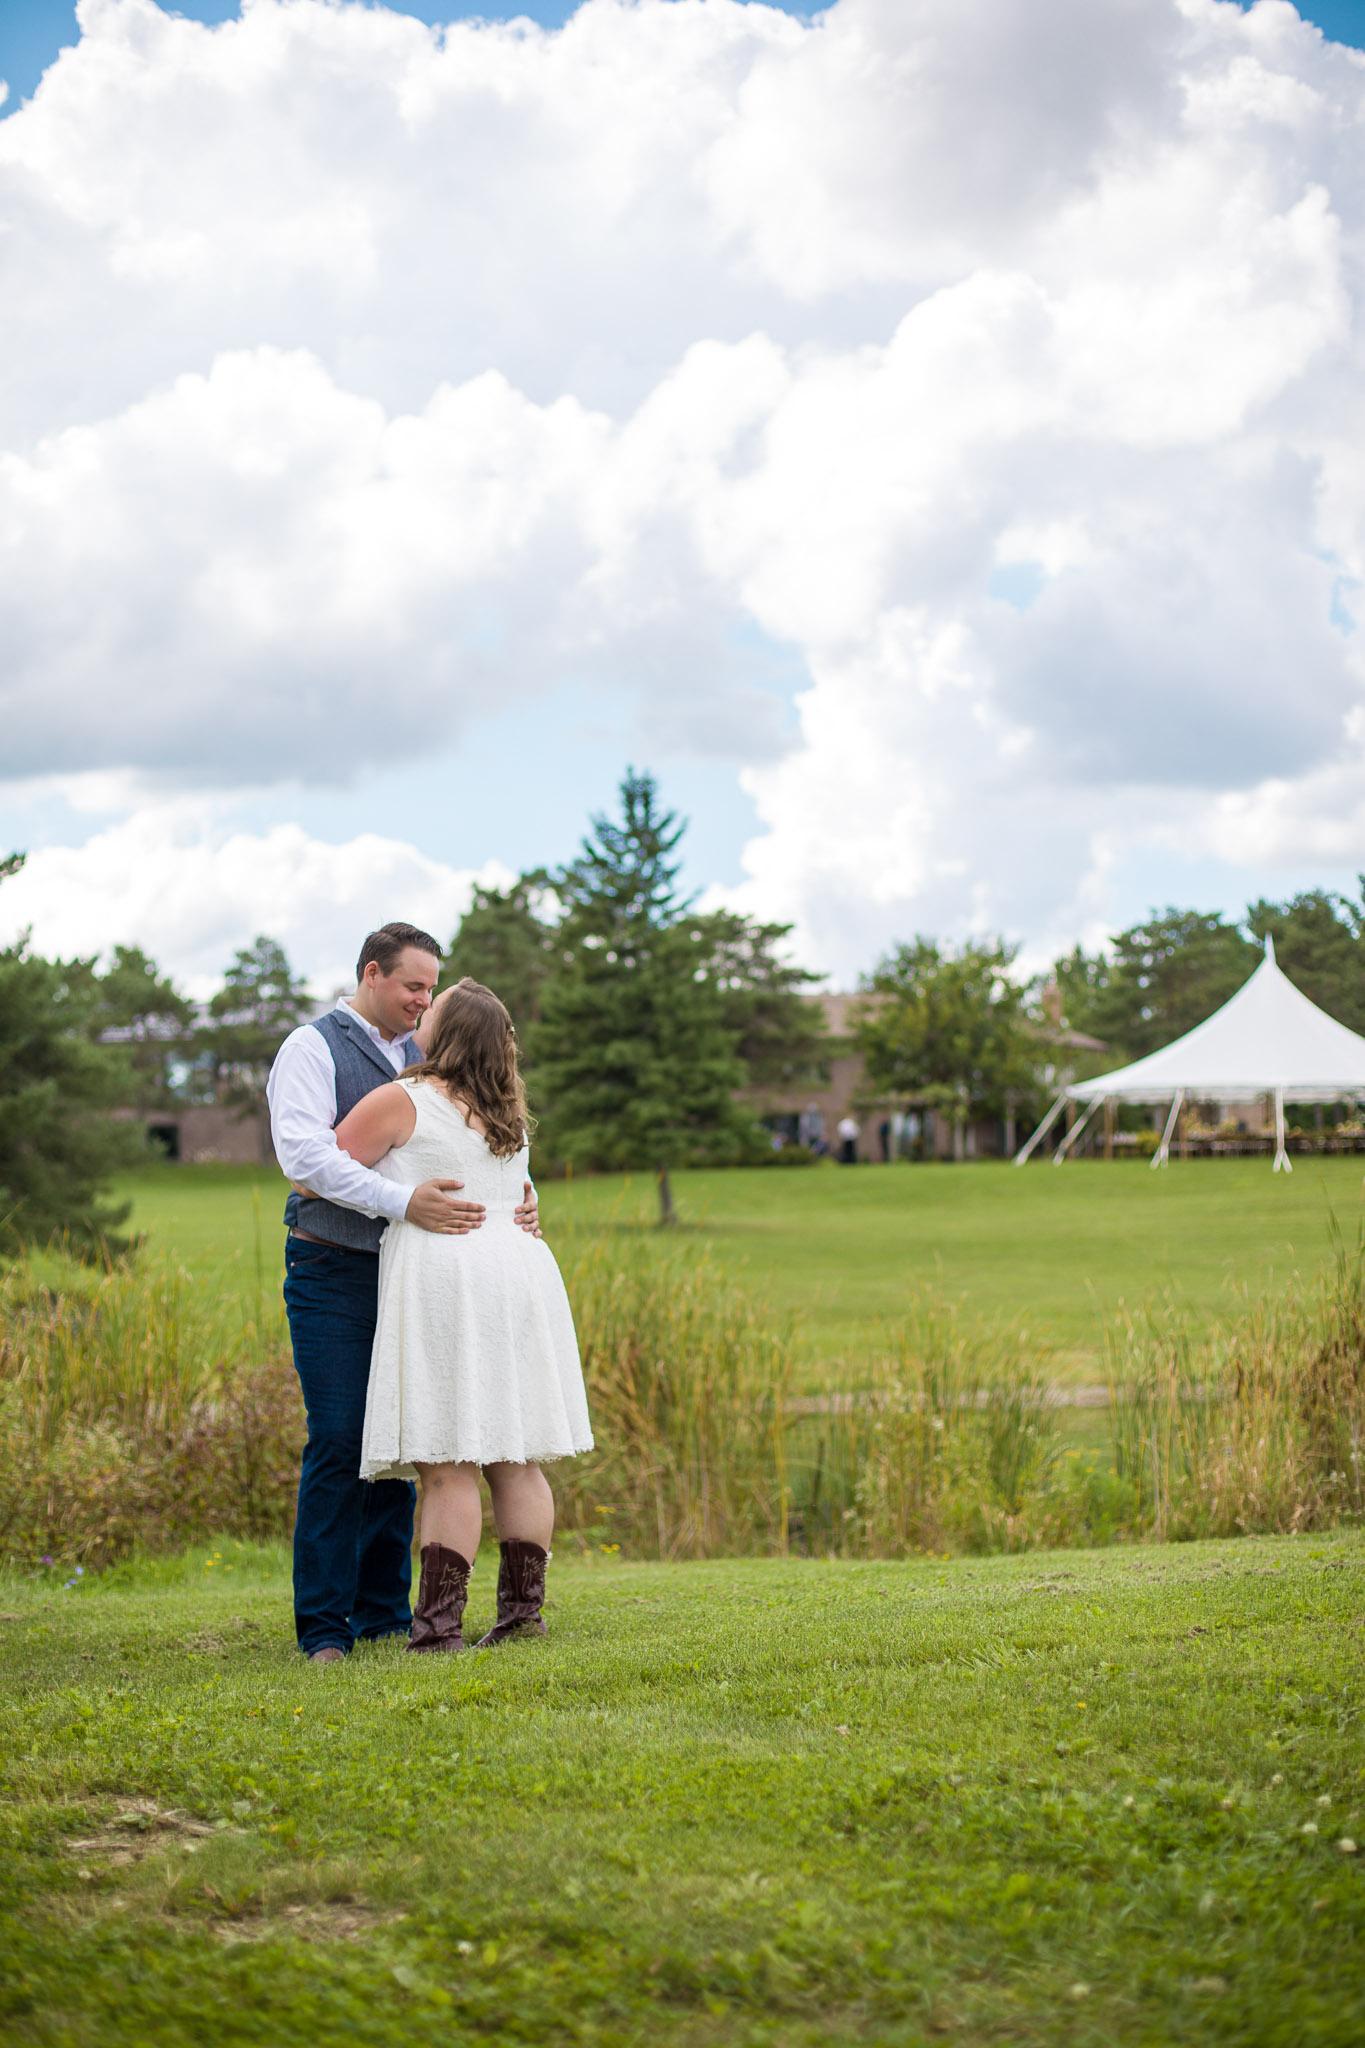 katy-aleks-wedding-shayne-gray-7101.jpg